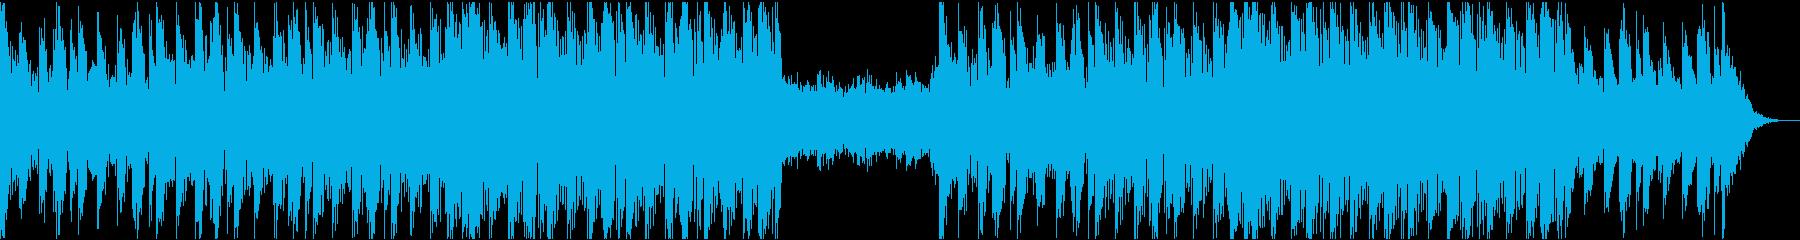 風の日、壮大シリアスエレクトロ-17の再生済みの波形